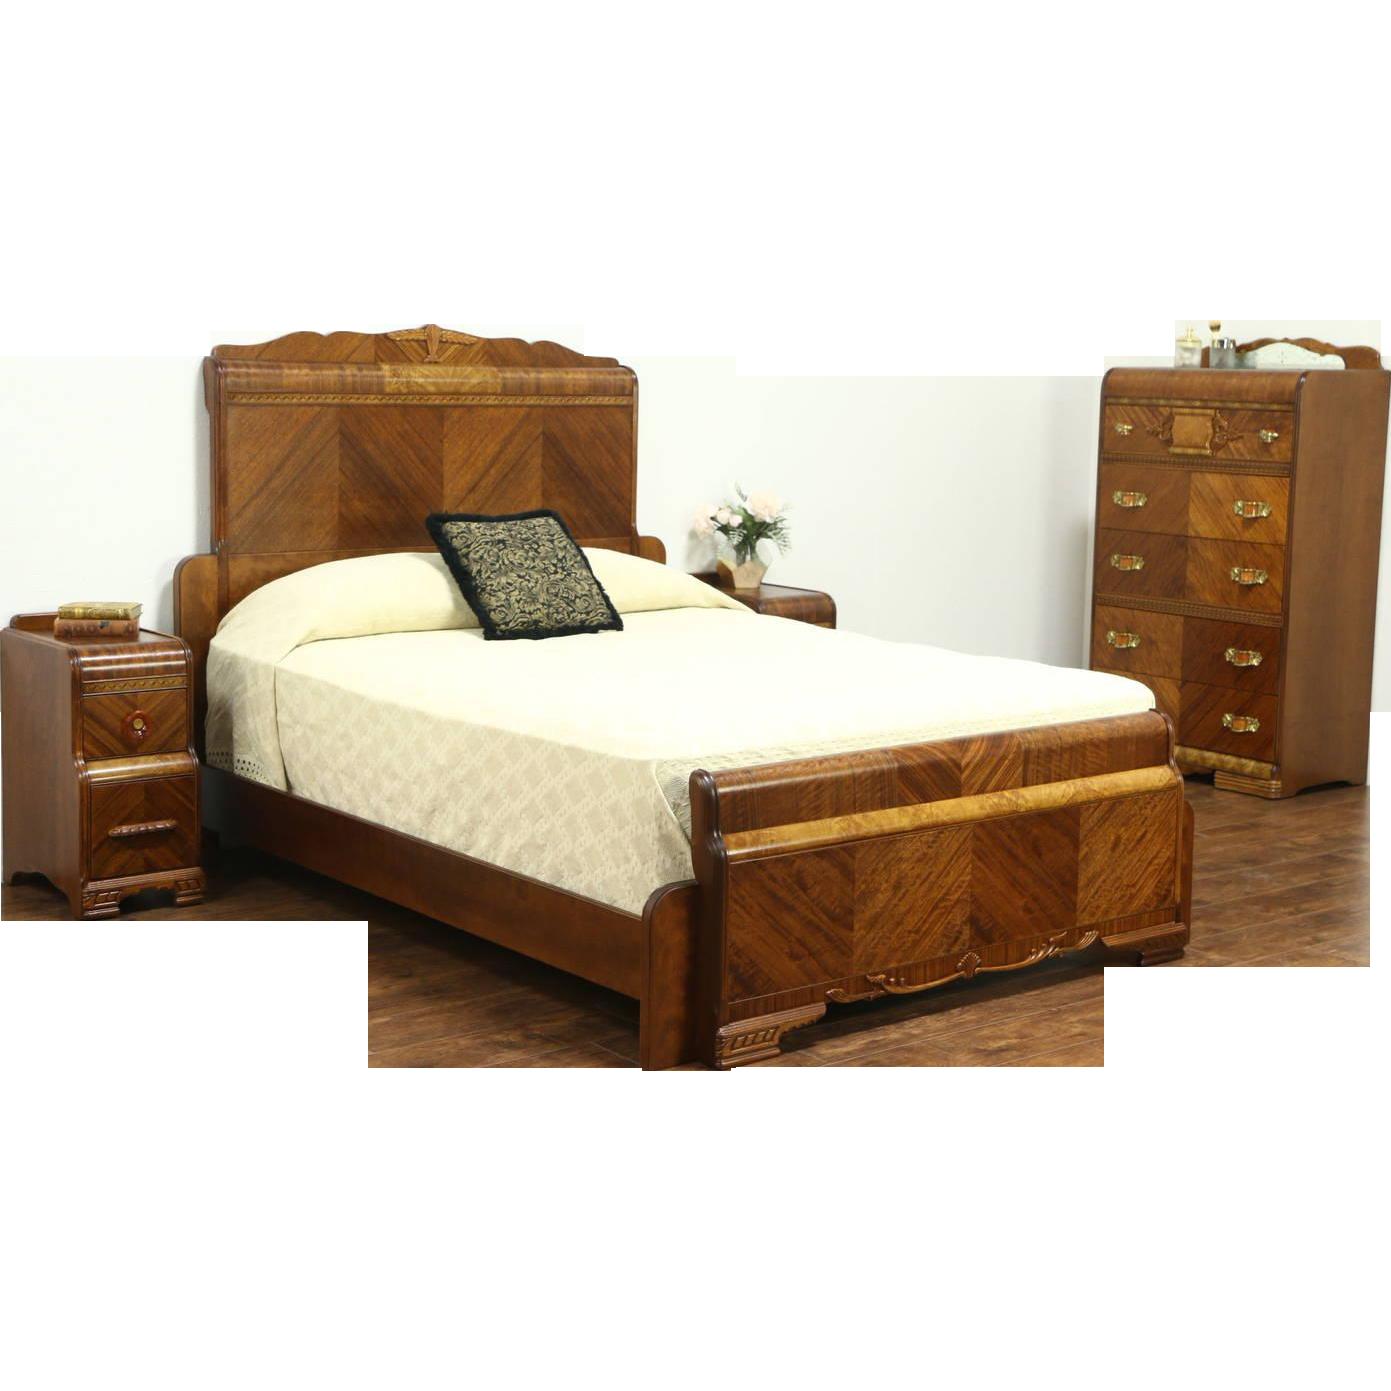 Waterfall Art Deco Vintage Bedroom Set, Queen Size Bed